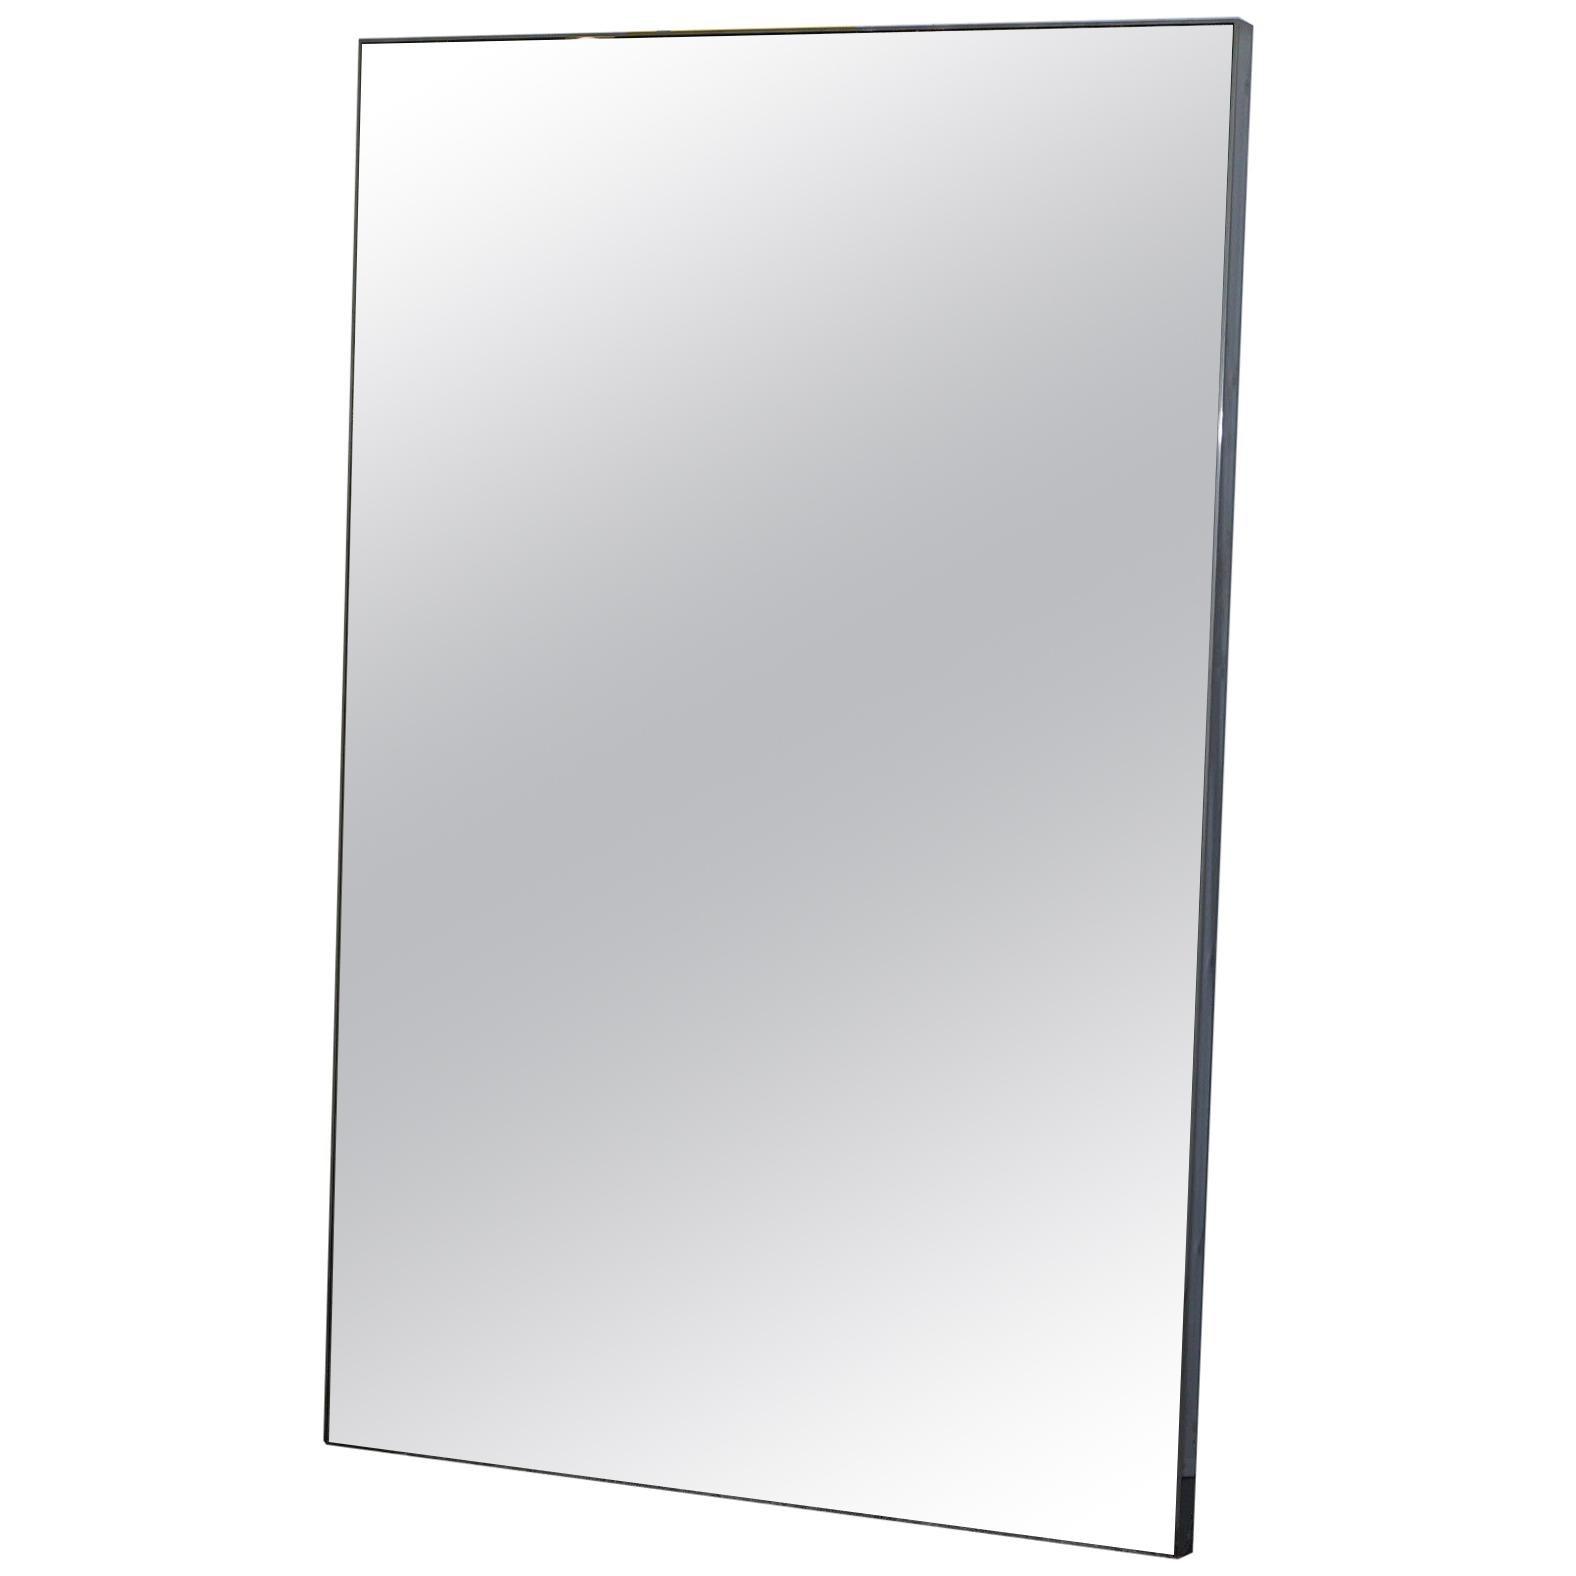 Large Chrome Framed Full Sized Mirror Back Light Floor Standing